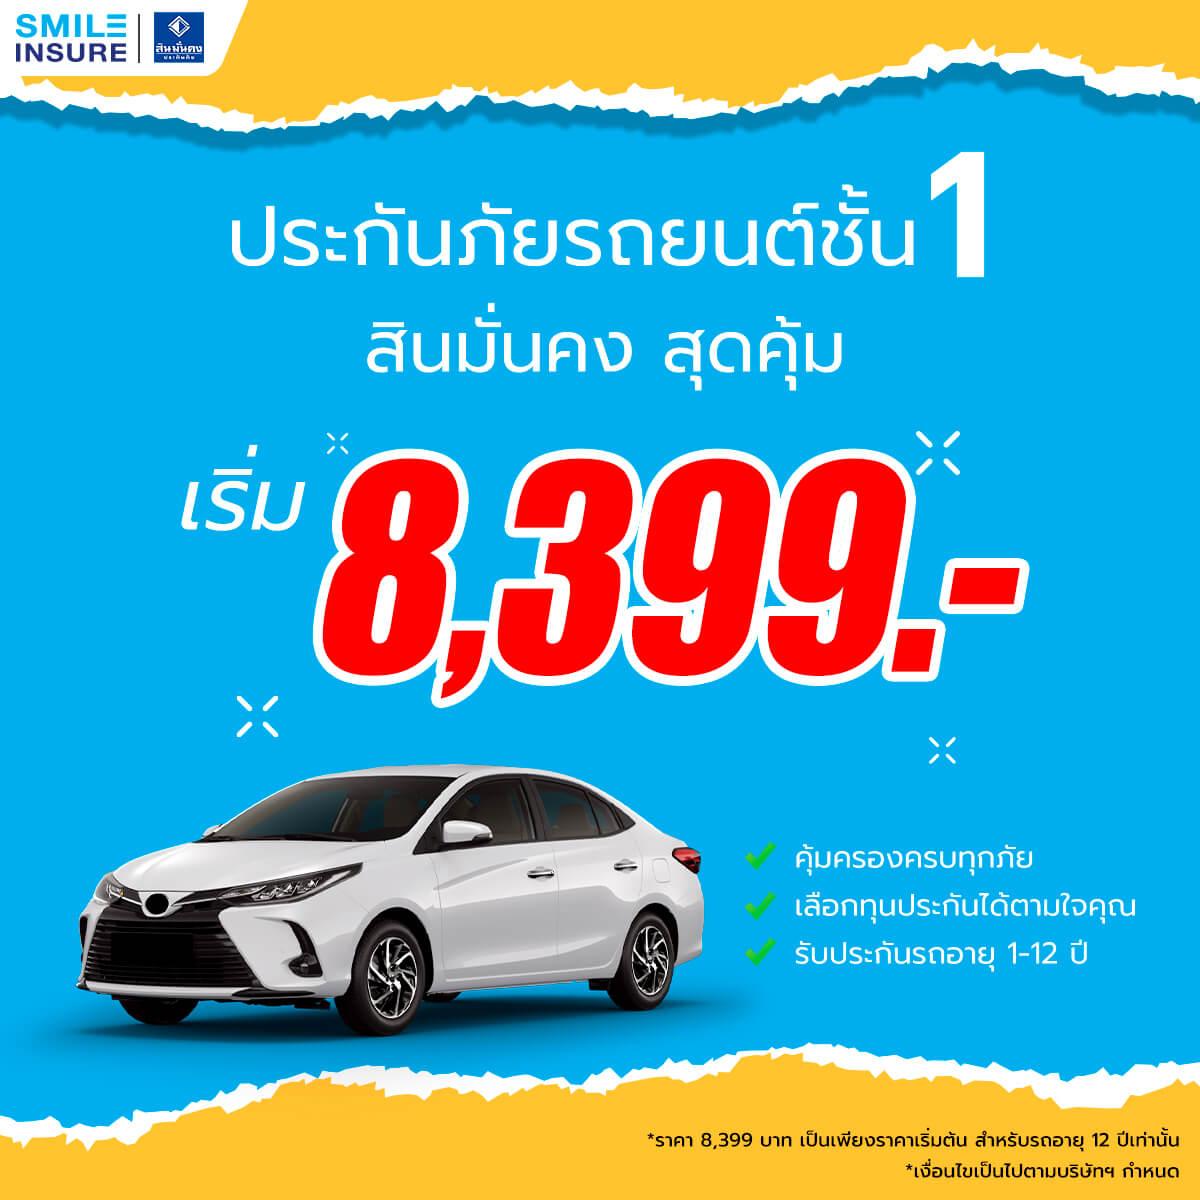 มีงบ 10,000 ทำประกันชั้นไหนได้บ้าง? ประกันภัยรถยนต์ชั้น 1 สินมั่นคง สุดคุ้ม เริ่ม 8,399 บาท/ปี| Smile Insure